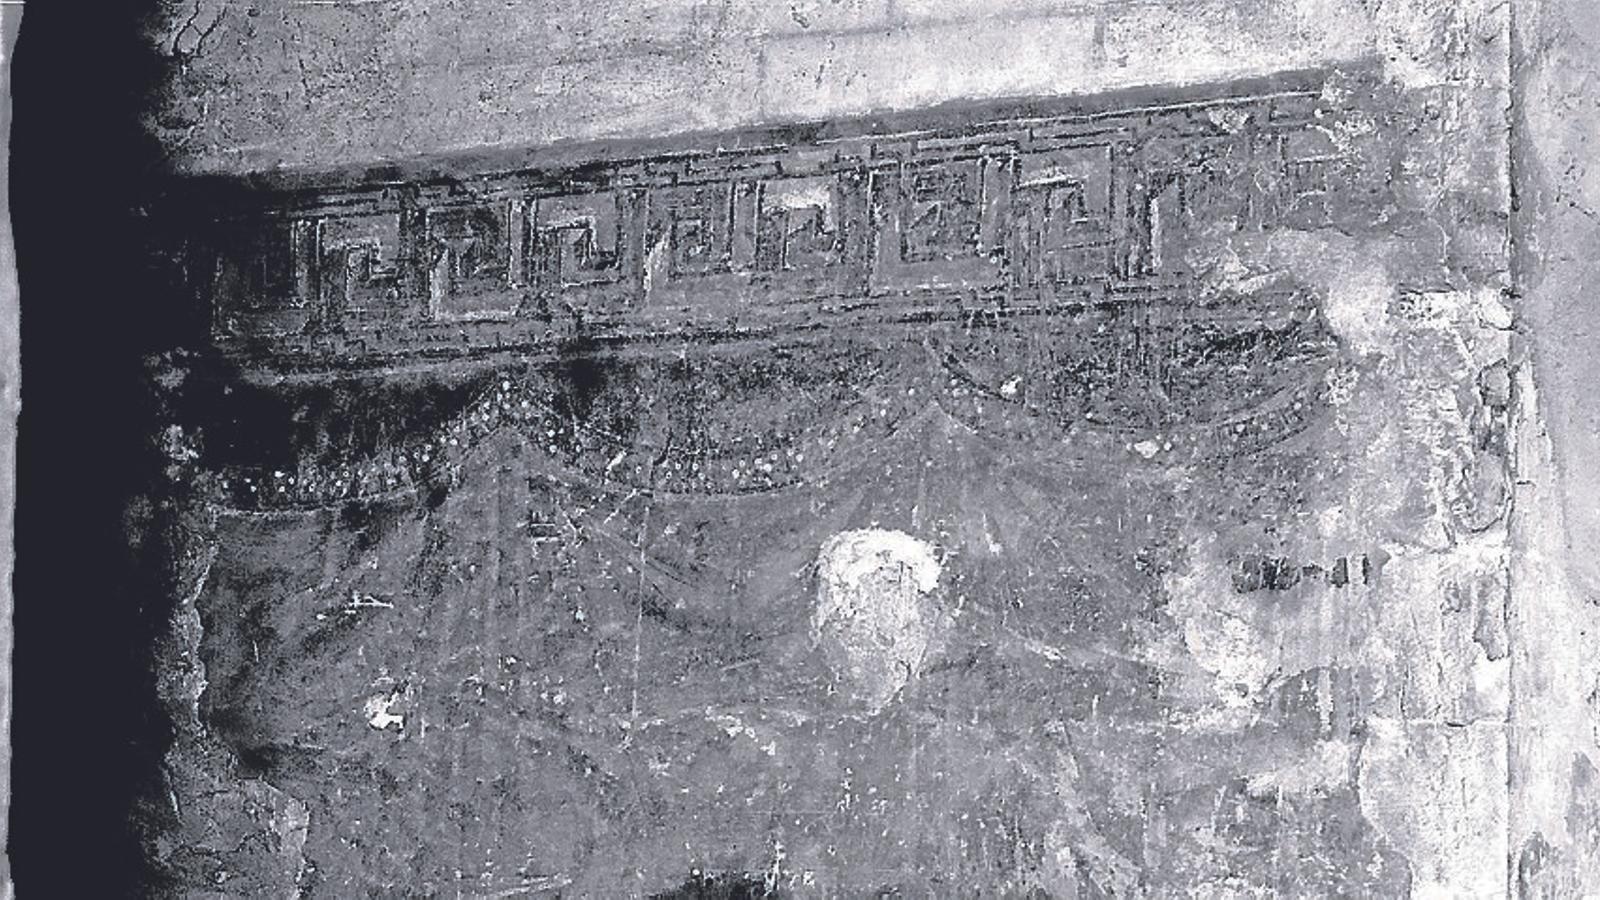 Desenes de pintures murals medievals han desaparegut a Palma en les darreres dècades